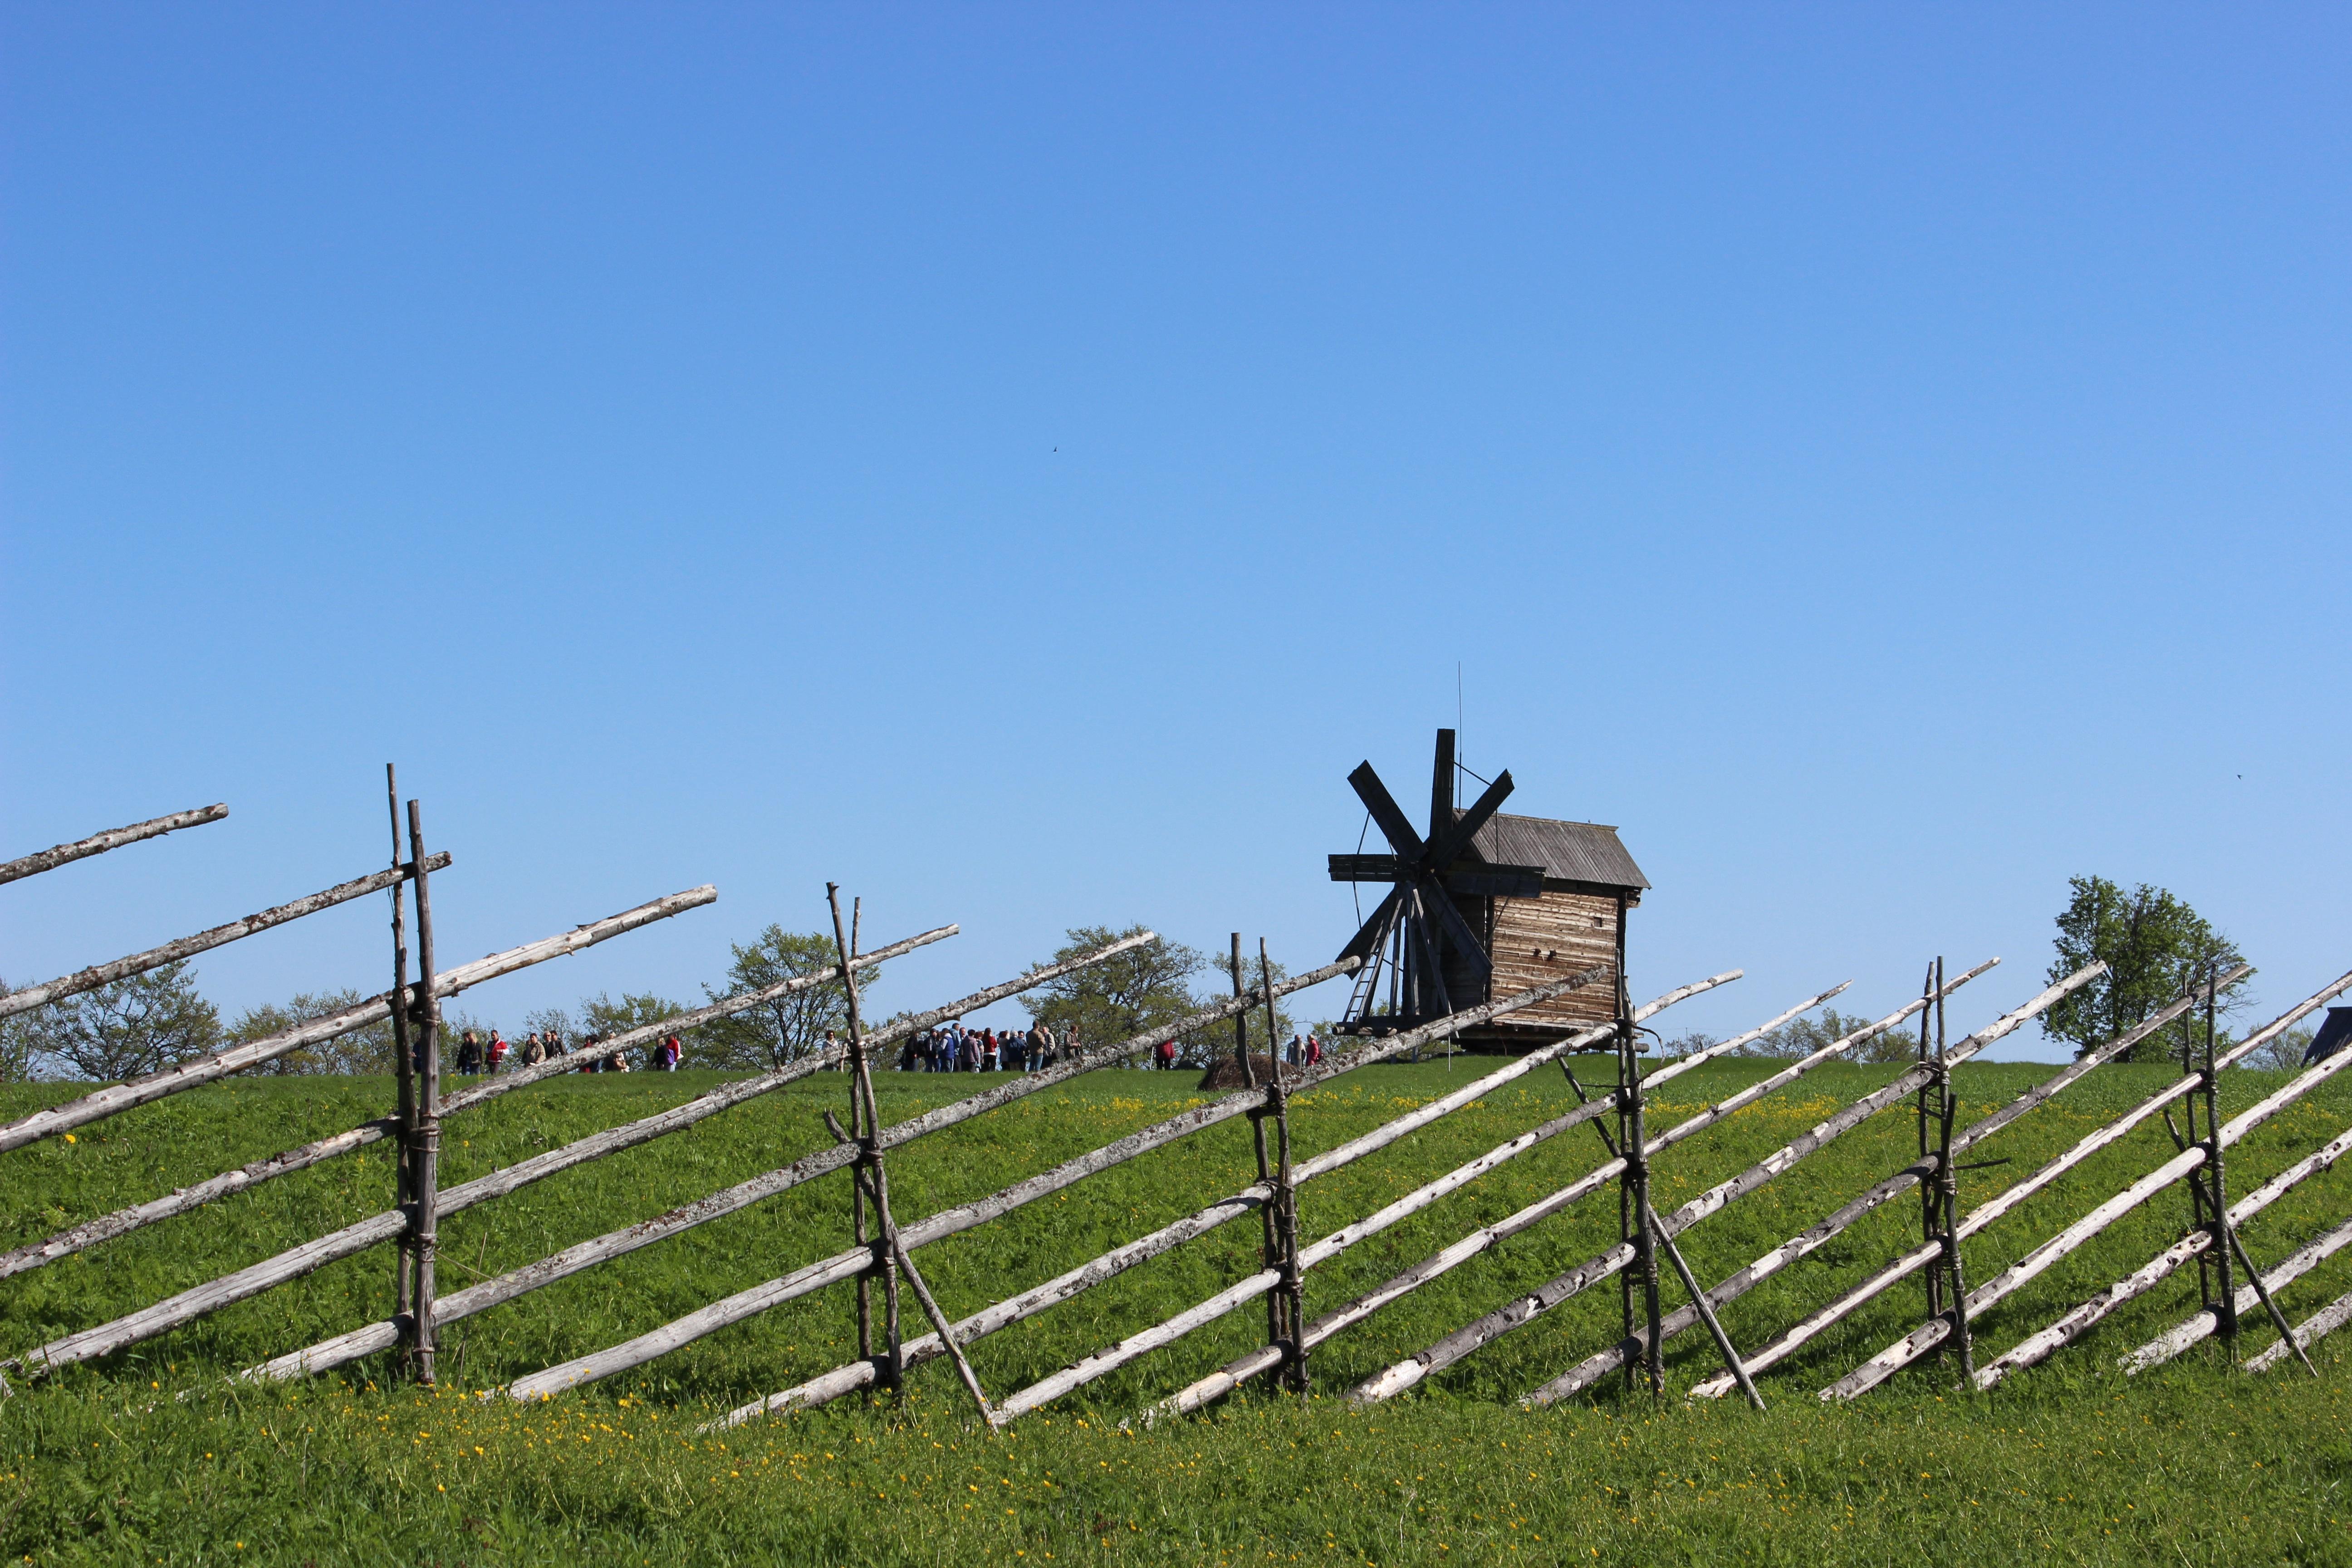 Kostenlose foto : Landschaft, Gras, Zaun, Feld, Bauernhof, Wiese ...